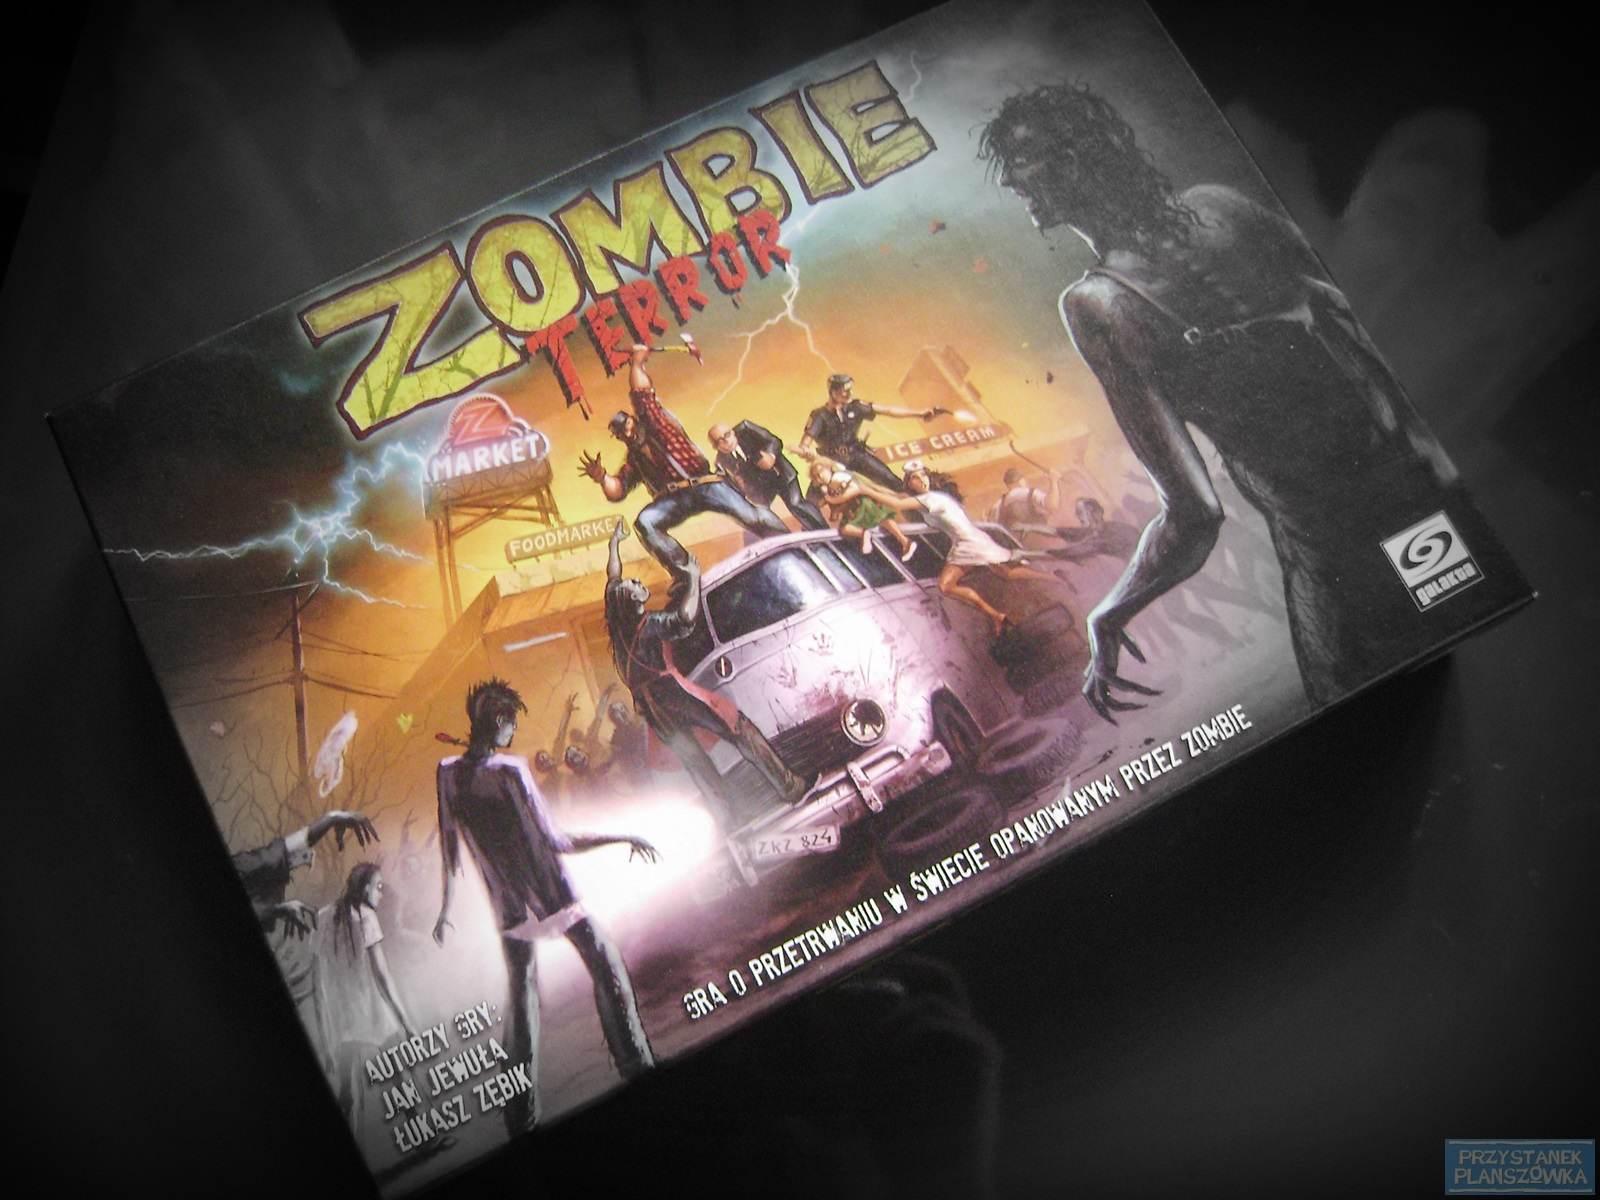 Zombie Terror / fot. Przystanek Planszówka